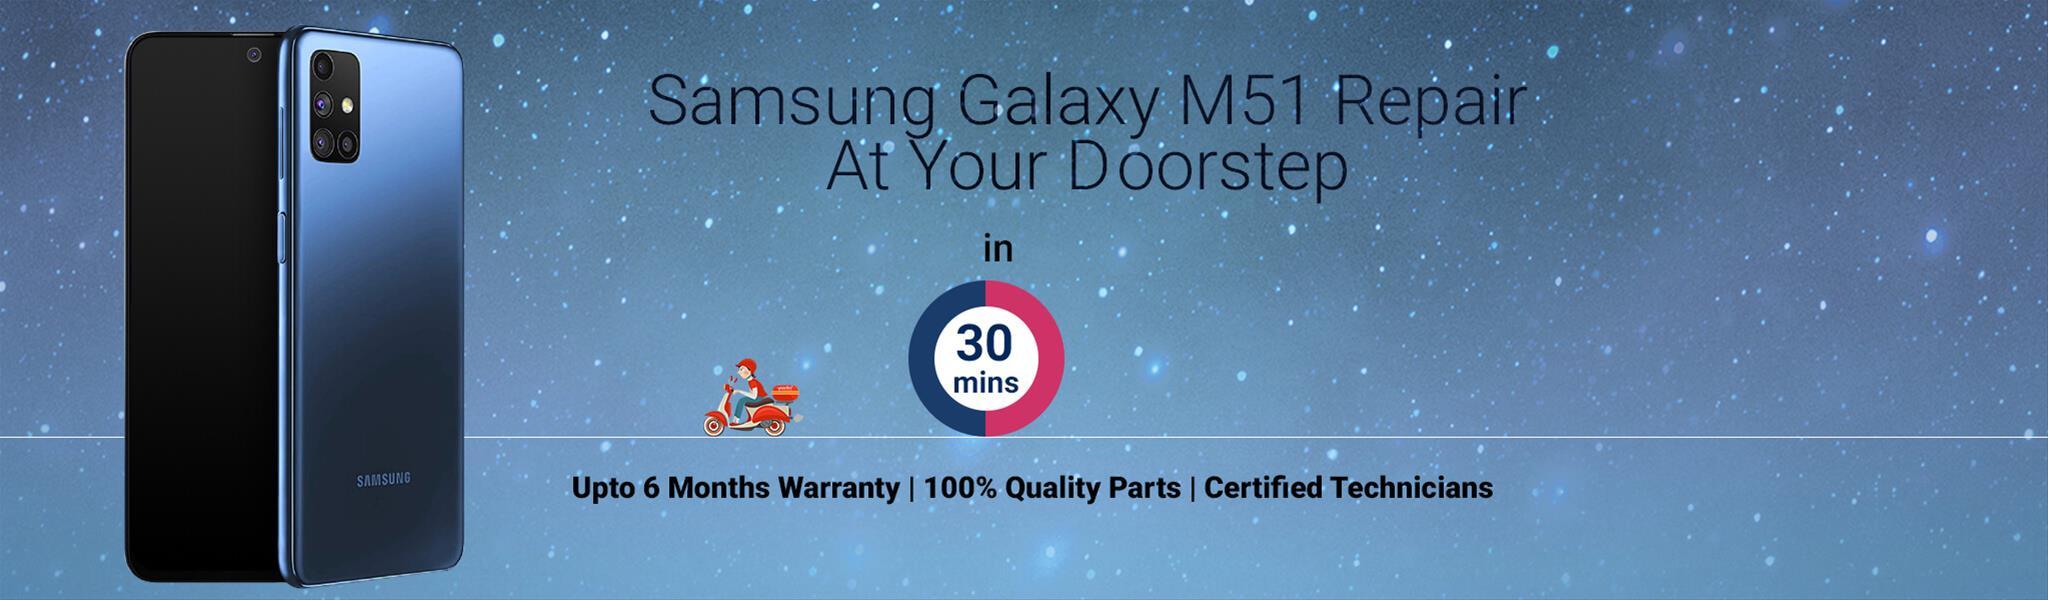 Samsung-M51-repair.jpg